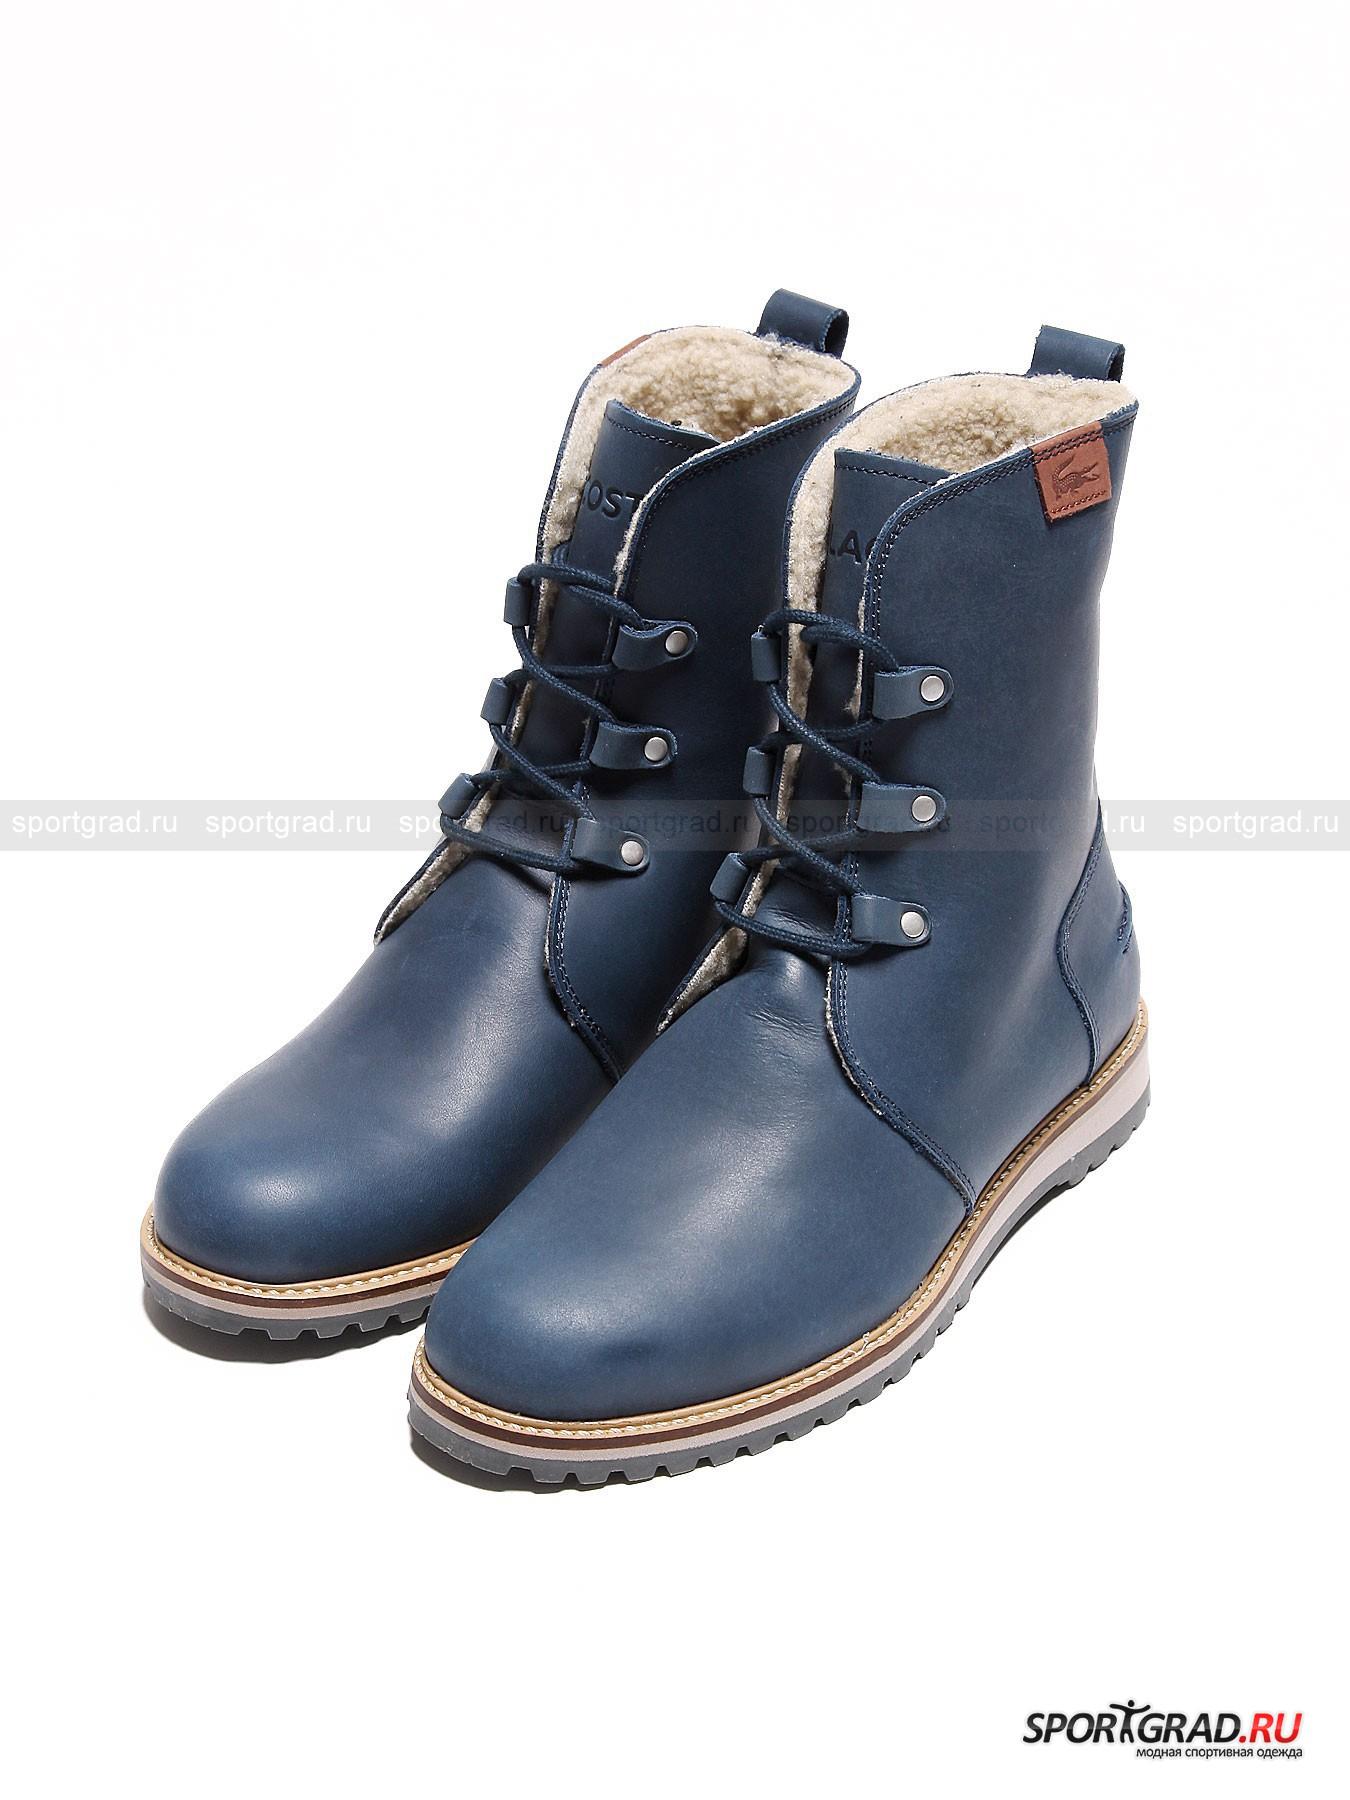 Ботинки женские с мехом внутри Baylen 4 LACOSTEБотинки<br>В этом сезоне обувь от Lacoste отличается лаконичным дизайном, который придется по вкусу поклонникам минимализма. Высокие ботинки на шнуровке Baylen 4 Lacoste выглядят очень просто и вместе  с тем элегантно. Они сделаны из матовой кожи синего или бежевого цвета, внутри имеется меховая подкладка. Тем не менее эта модель скорее предназначена для холодного межсезонья, чем для настоящей снежной зимы. Ботинки очень мягкие и комфортные, подошва отлично гнется, обеспечивая легкость движений. <br><br>Особенности модели:<br>-функциональная стелька Ortholite, предназначенная для улучшения амортизации  и вентиляции и устранения неприятных запахов;<br>-шнуровка до верха голенища;<br>-рельефная подошва;<br>-уплотненная пятка;<br>-петля на заднике;<br>-фирменный логотип марки и надпись Lacoste на «язычке».<br><br>Пол: Женский<br>Возраст: Взрослый<br>Тип: Ботинки<br>Рекомендации по уходу: Стандартный уход за кожаной обувью. Нельзя мыть водой<br>Состав: Натуральная кожа. Внутри искуственный мех.